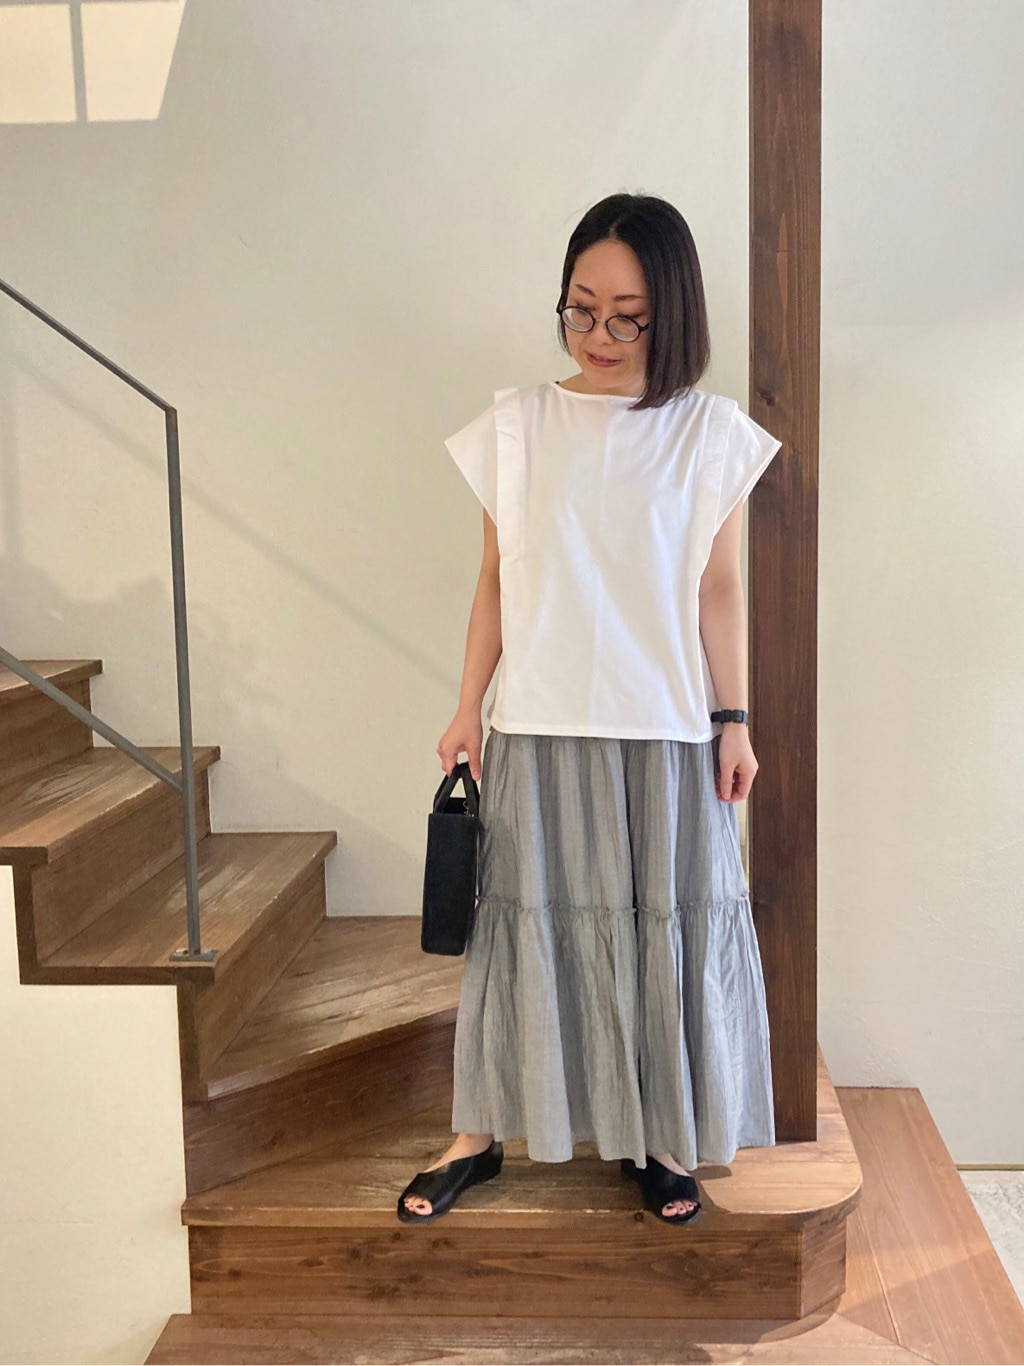 yuni 京都路面 身長:152cm 2021.04.23